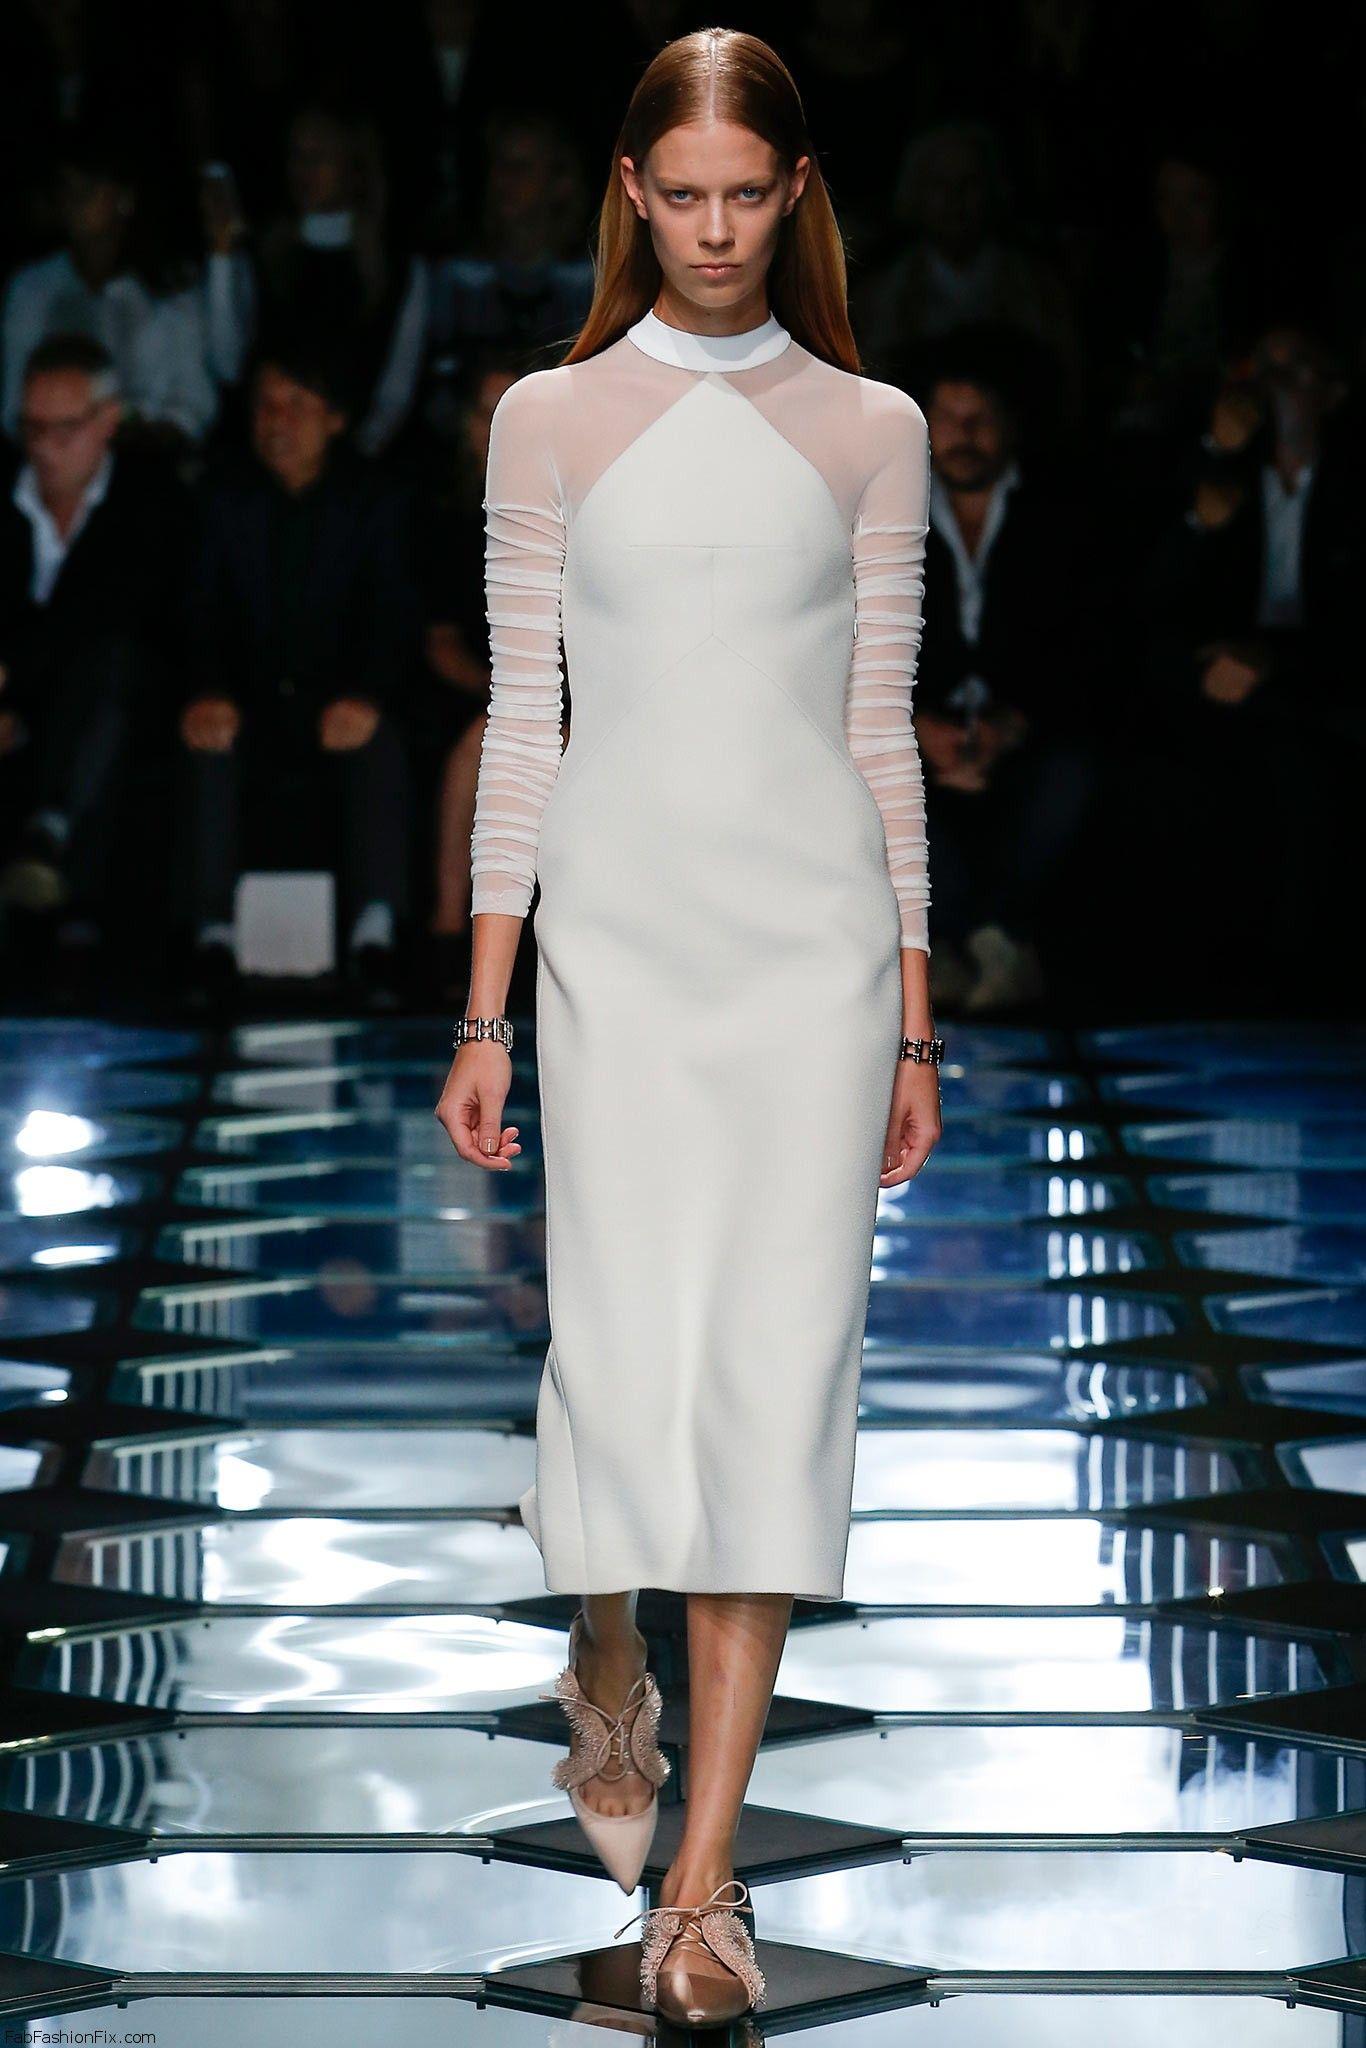 Balenciaga spring/summer 2015 collection